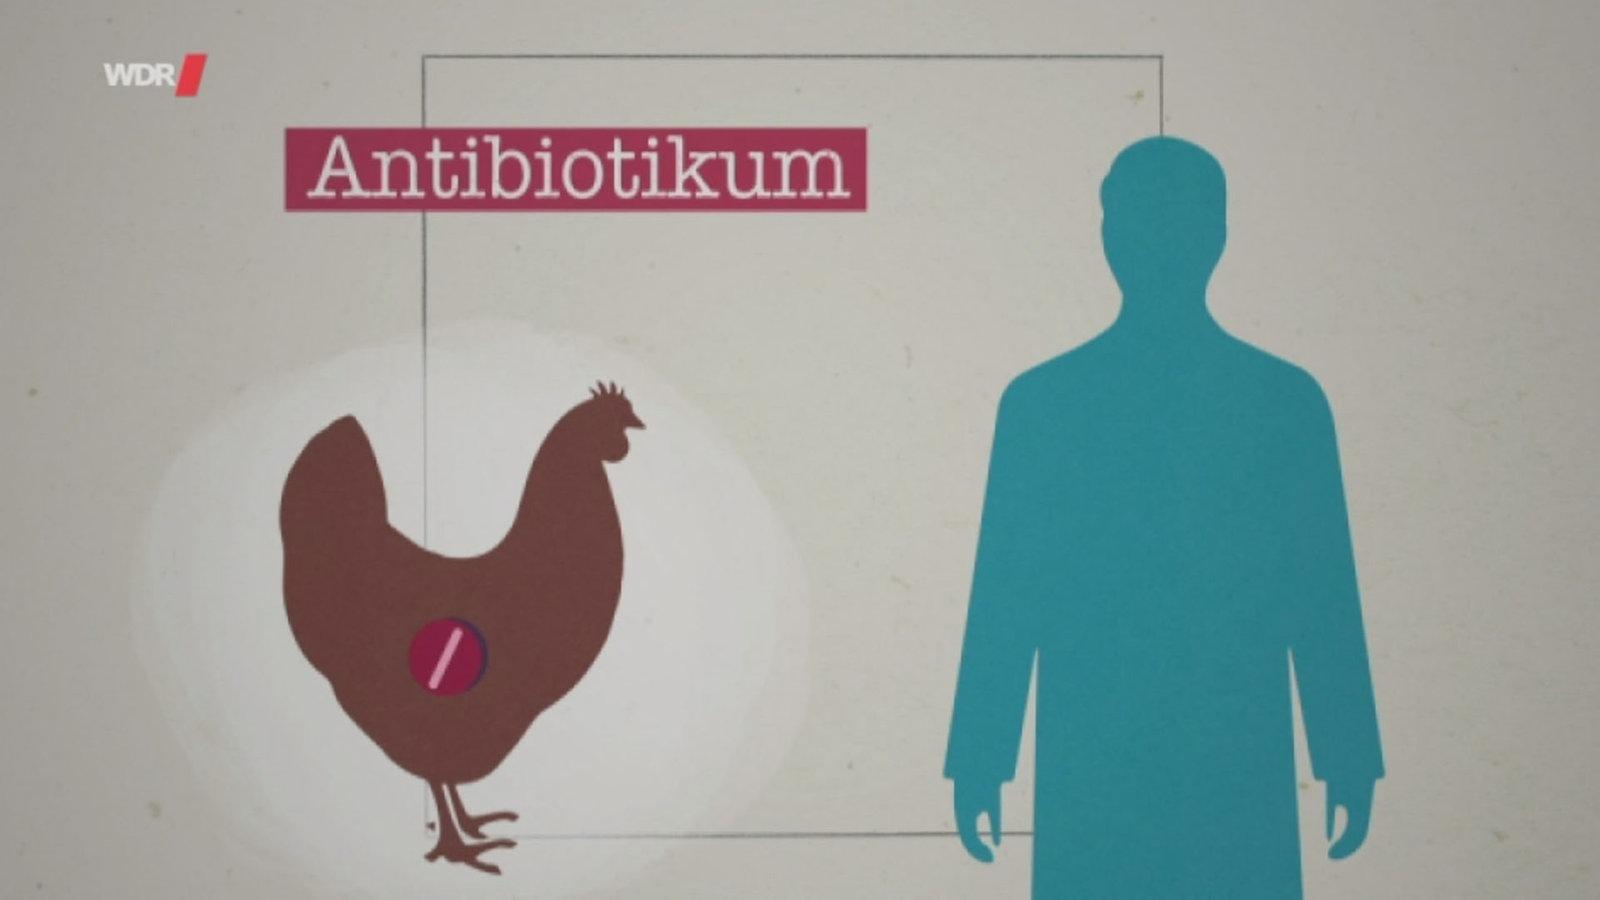 Wie gehen wir mit Antibiotika in der Tierhaltung um? - Mediathek - WDR